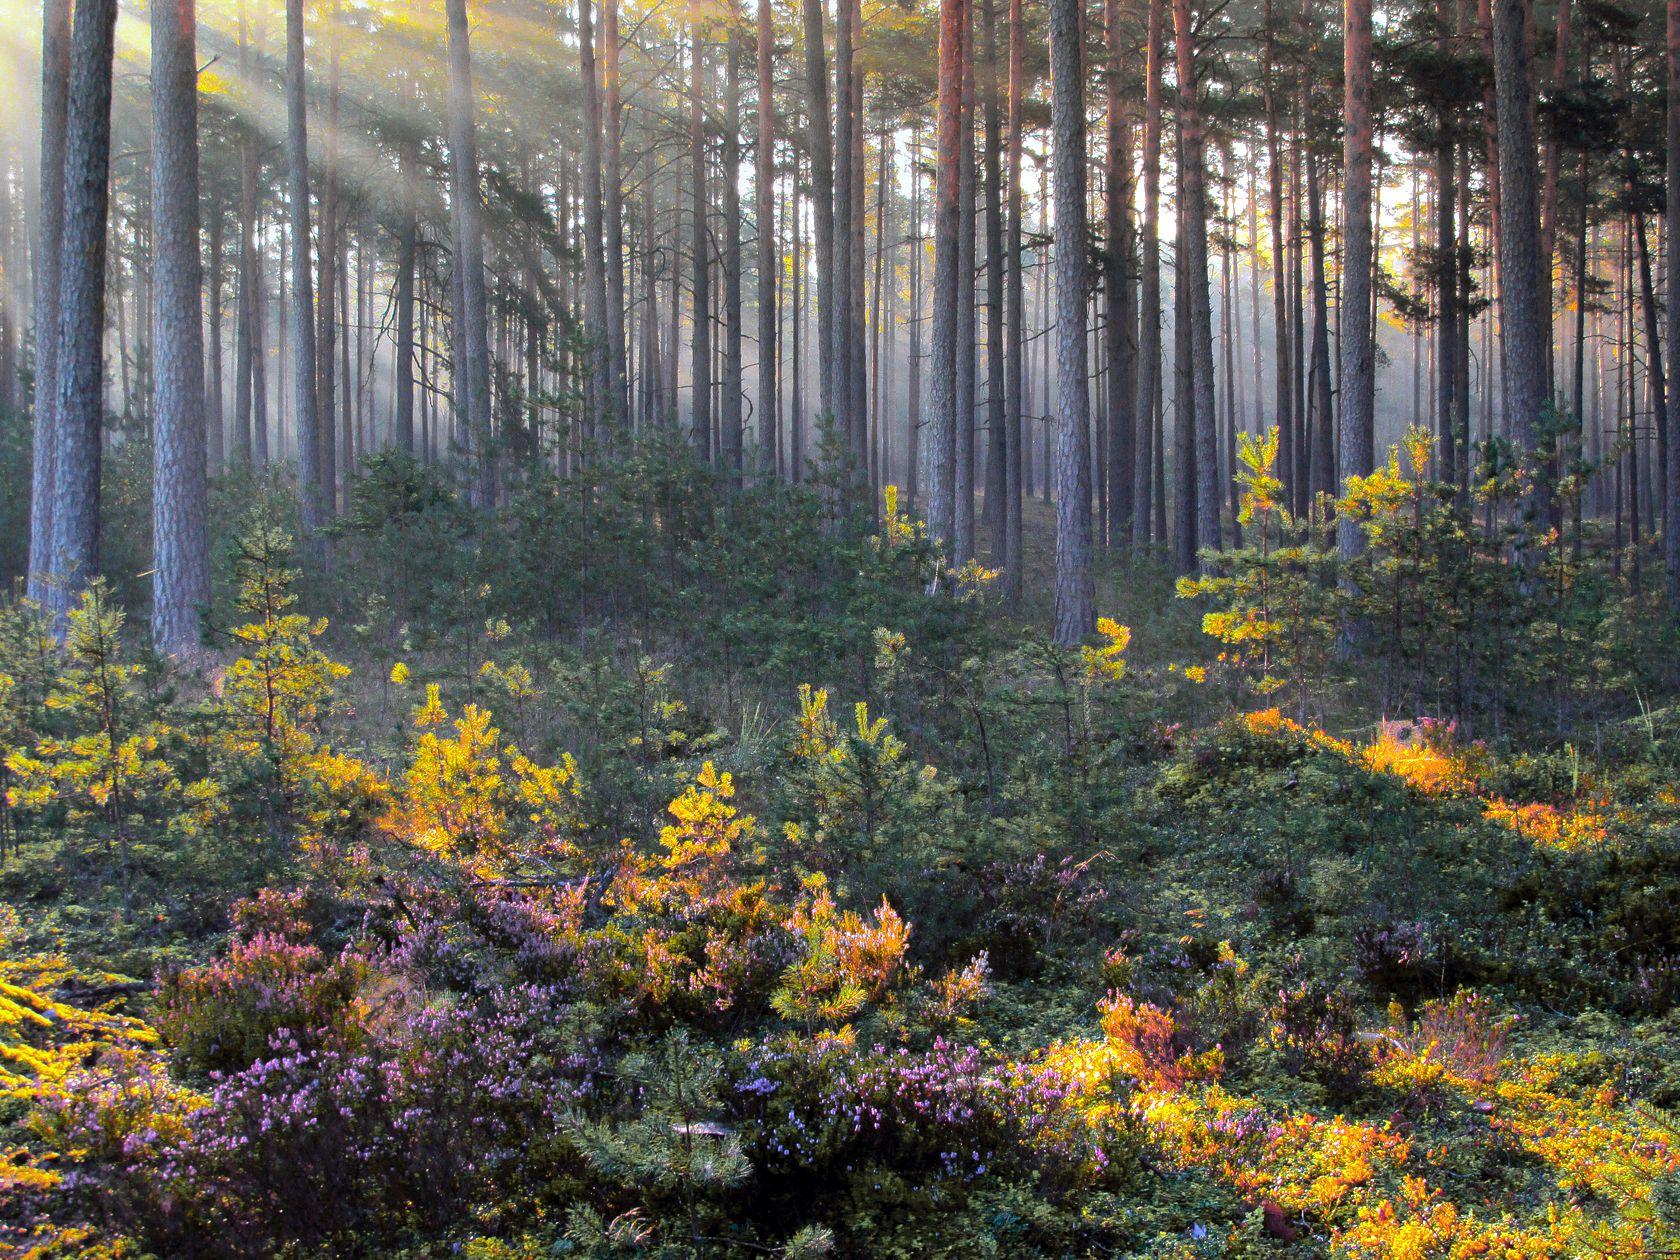 Сосновый бор/Сентябрь лес.утро.сентябрь.сосновый бор.10.09.2021